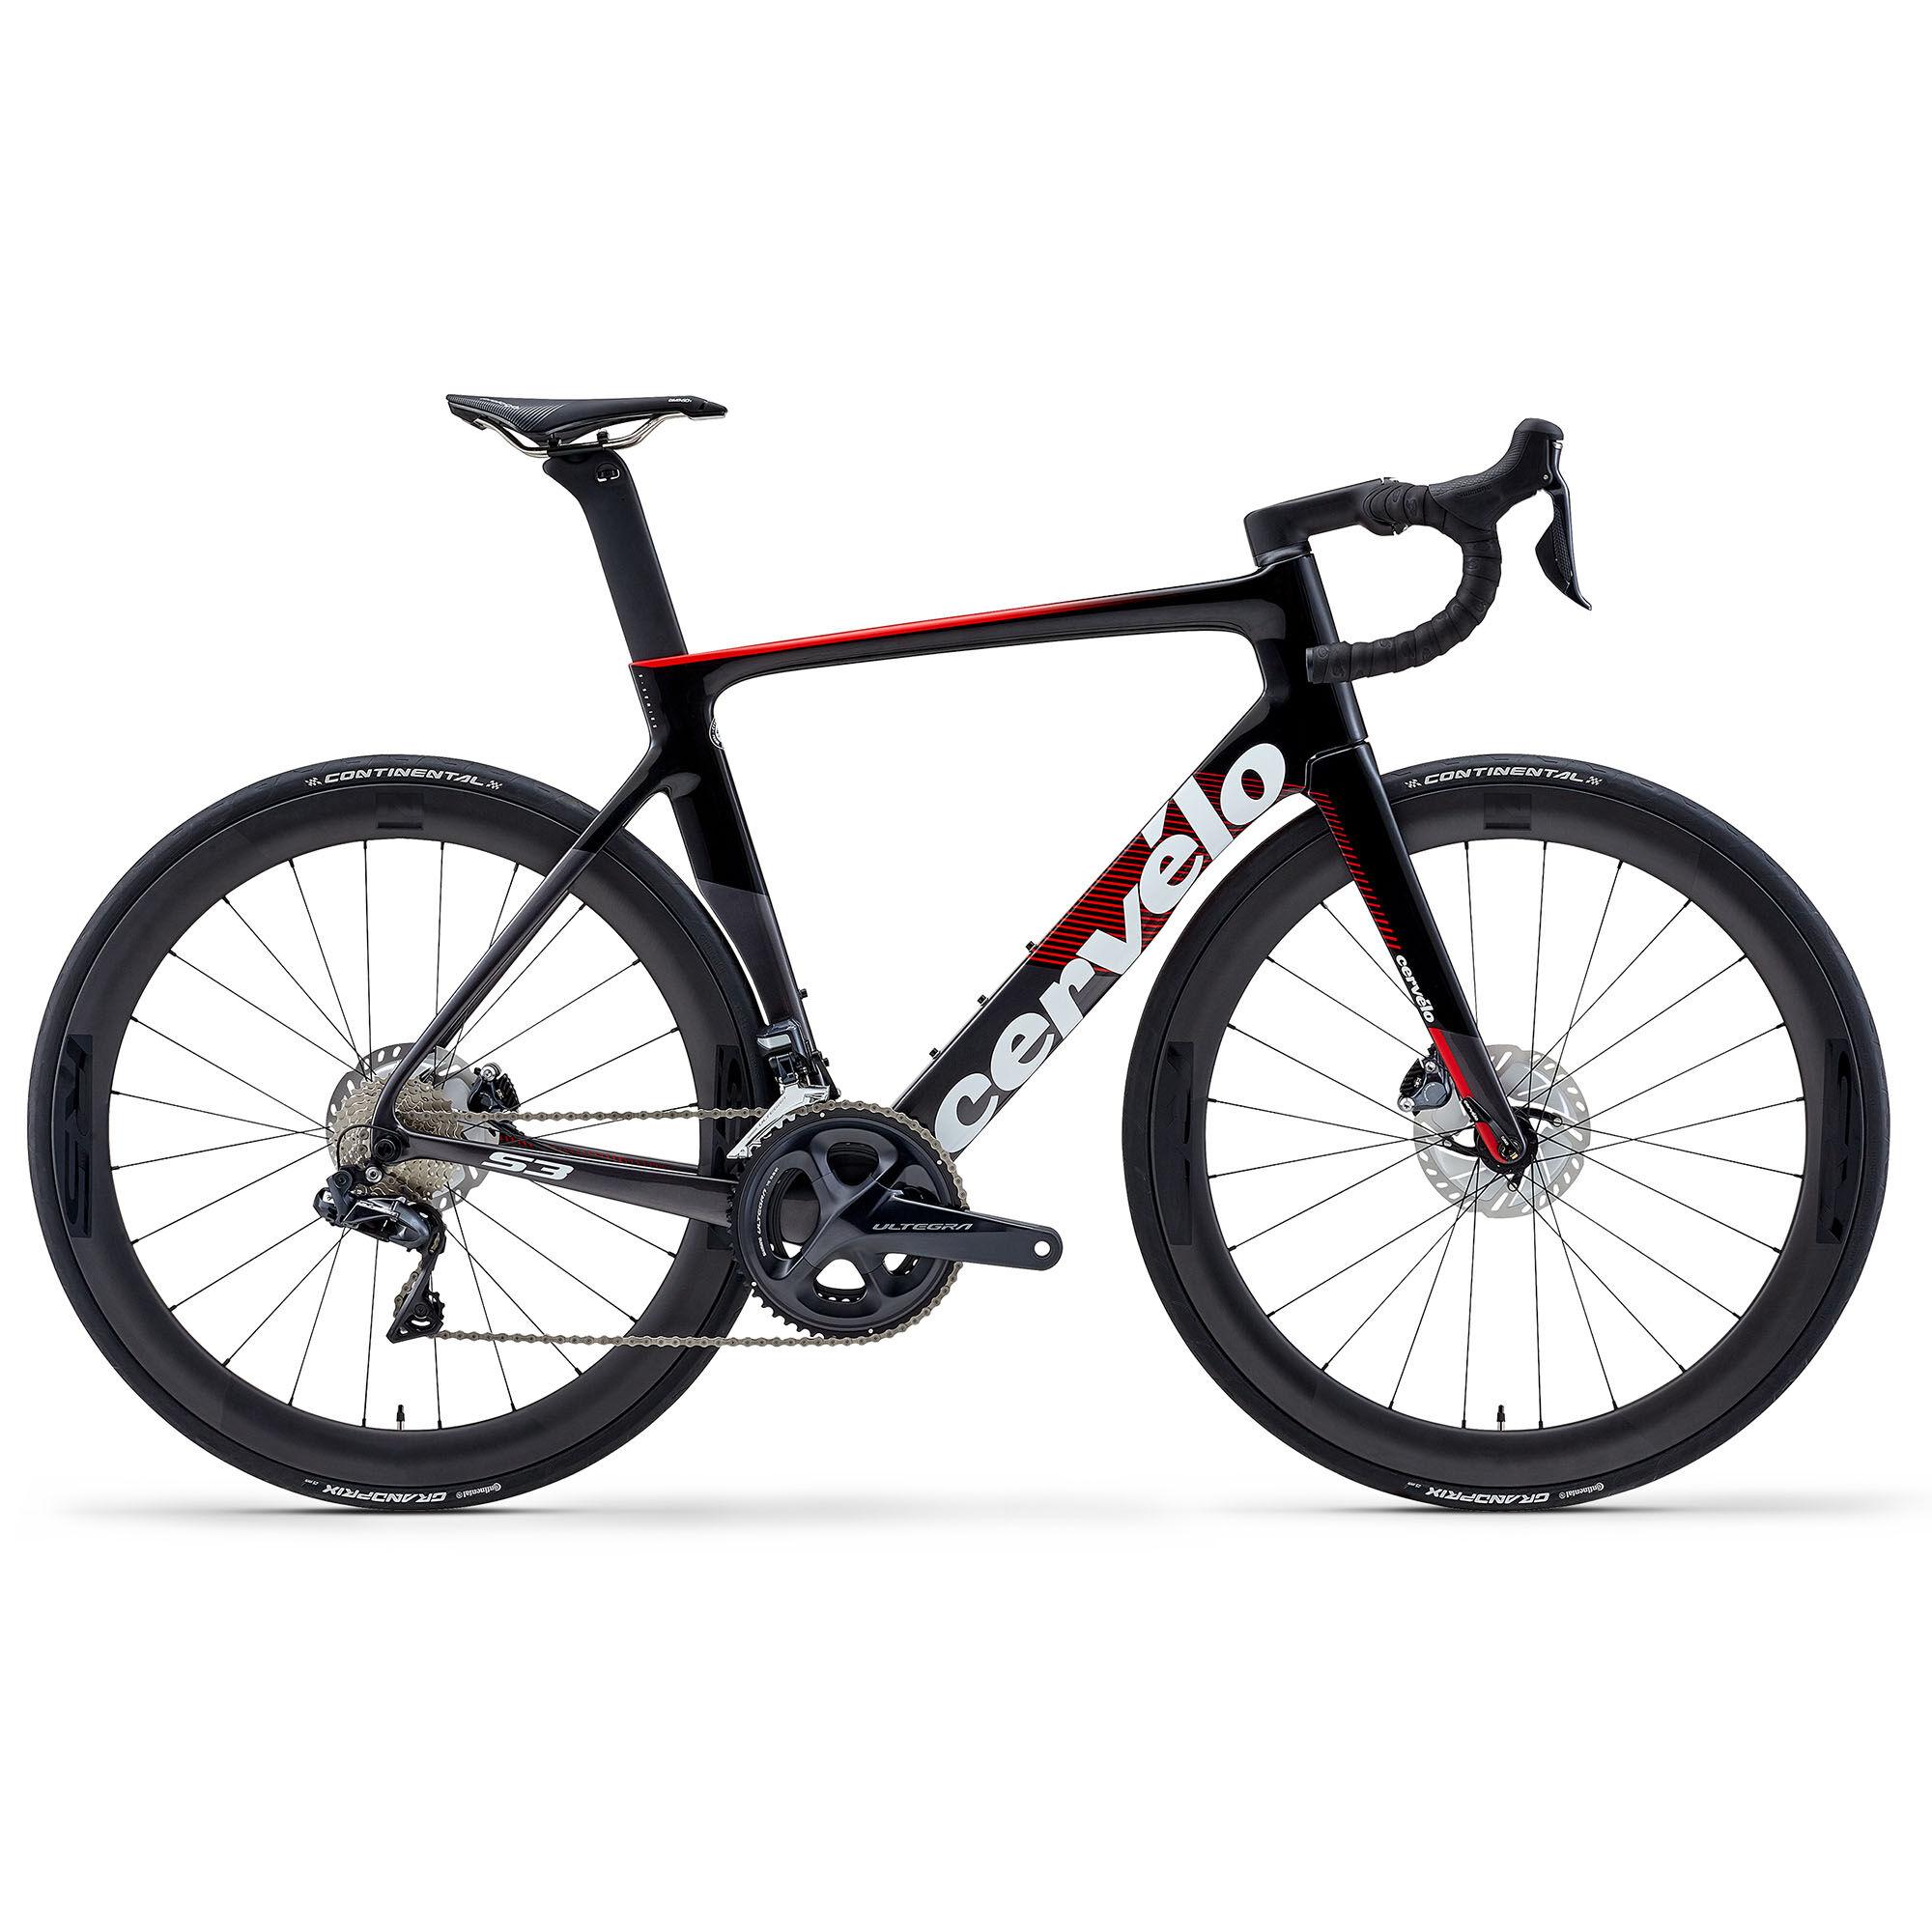 Cervelo Men's S3 Disc Ultegra DI2 Aero Road Bike '20  - Graphite/Black - Size: 58